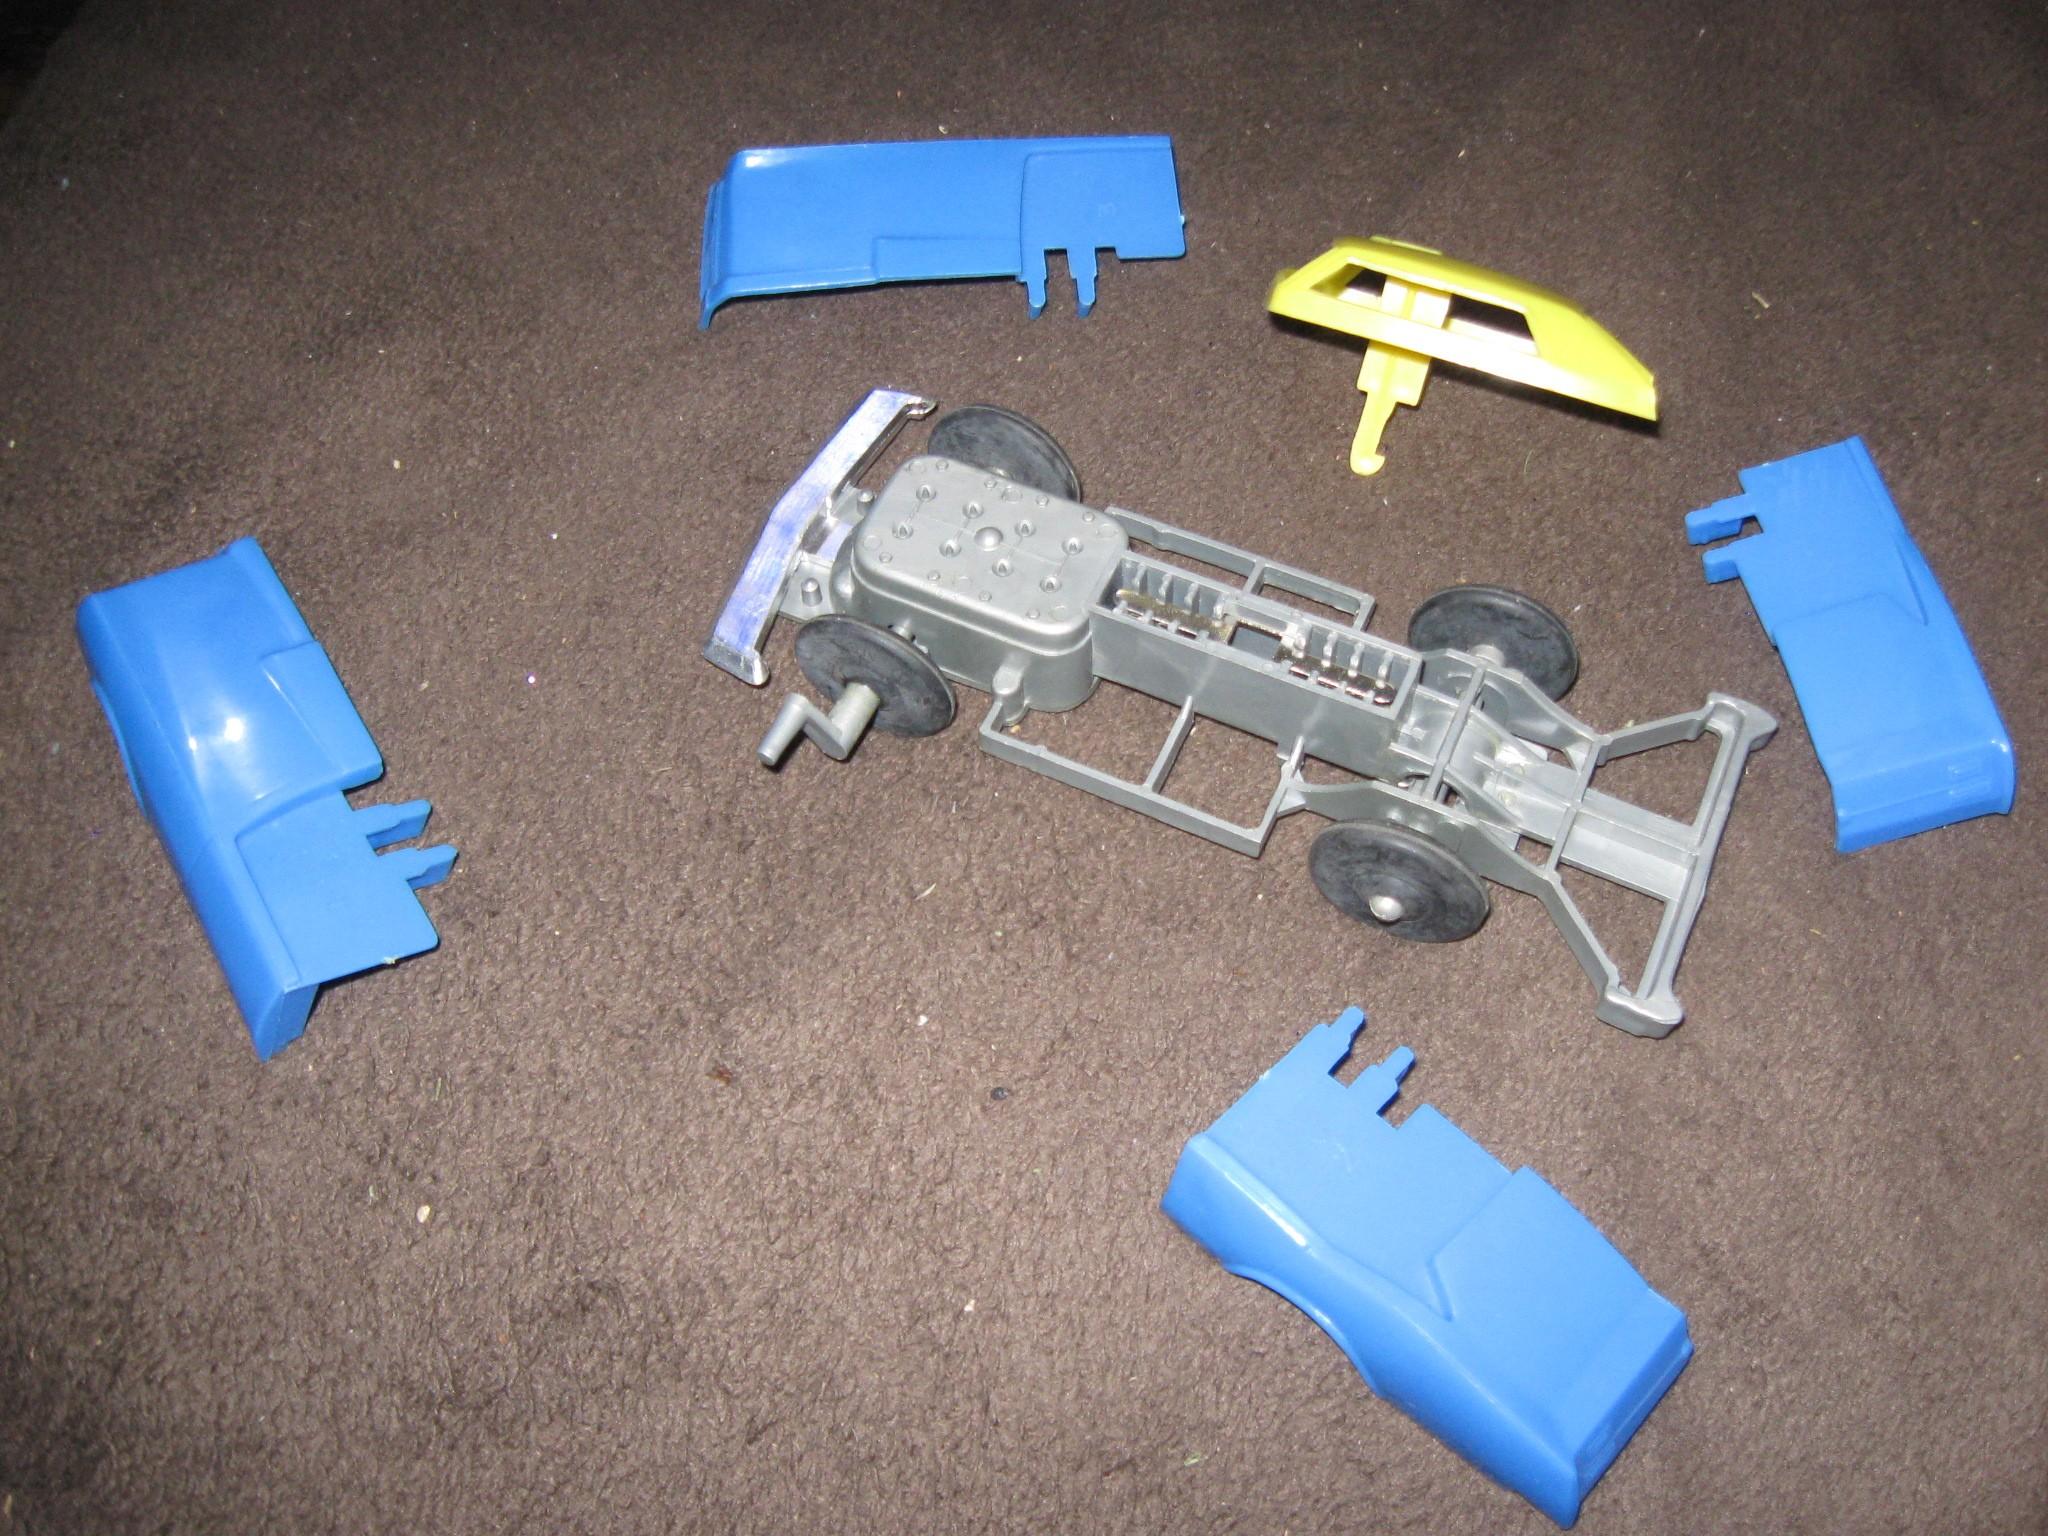 crashmobile2.JPG